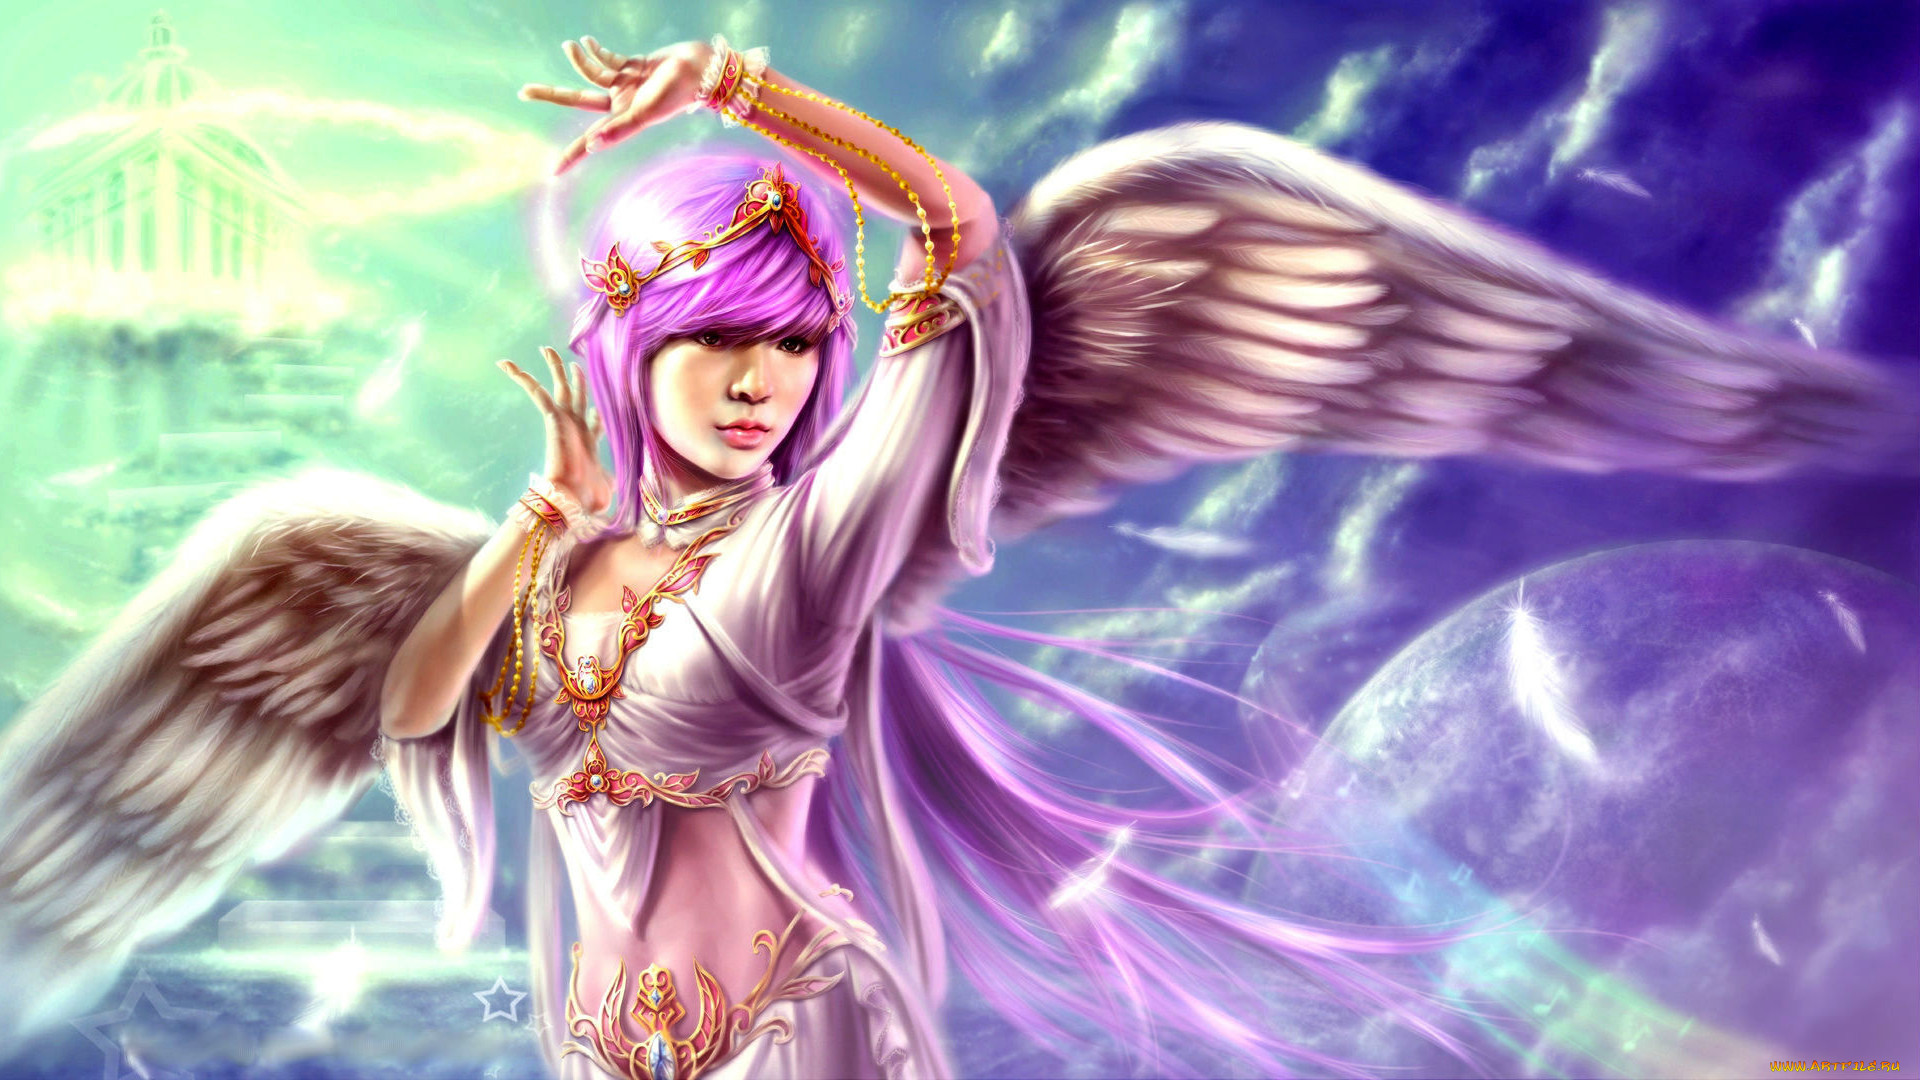 Красивые картинки фэнтези девушек ангелов